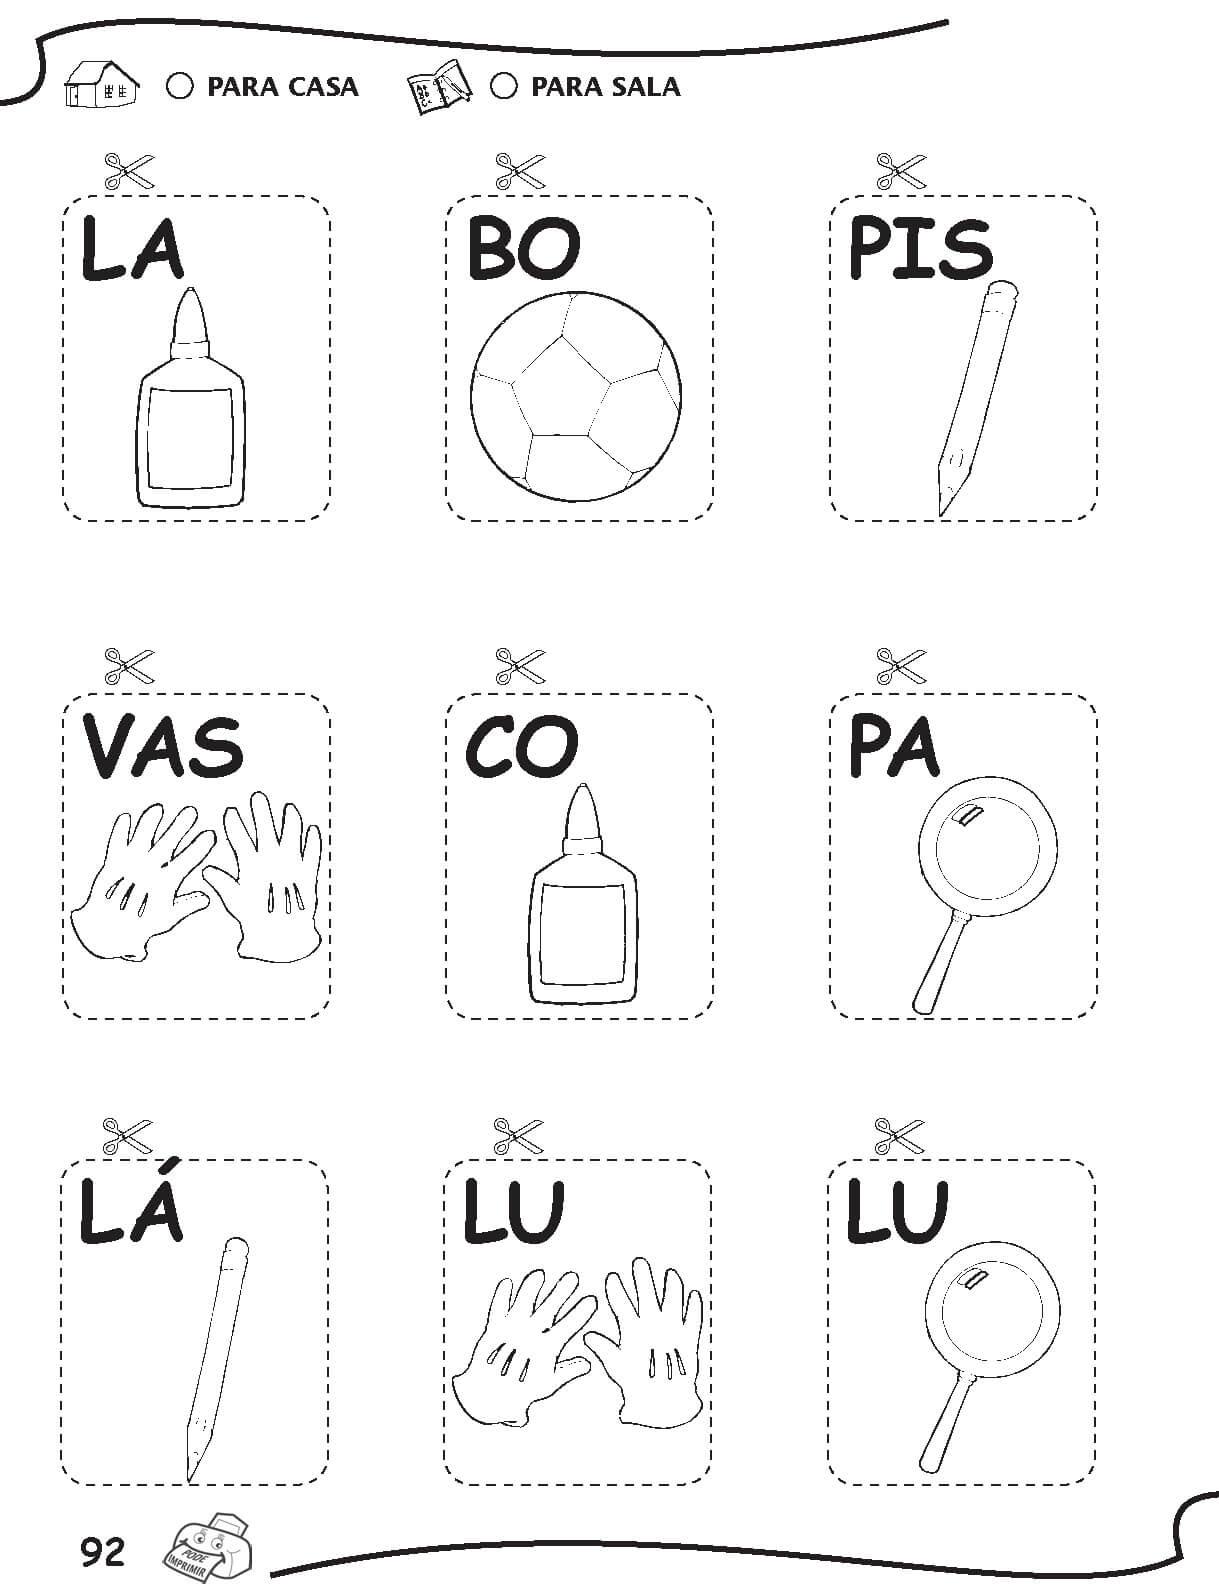 Fabuloso Atividades de Alfabetização Para um Melhor Aprendizado | Max Dicas SR08